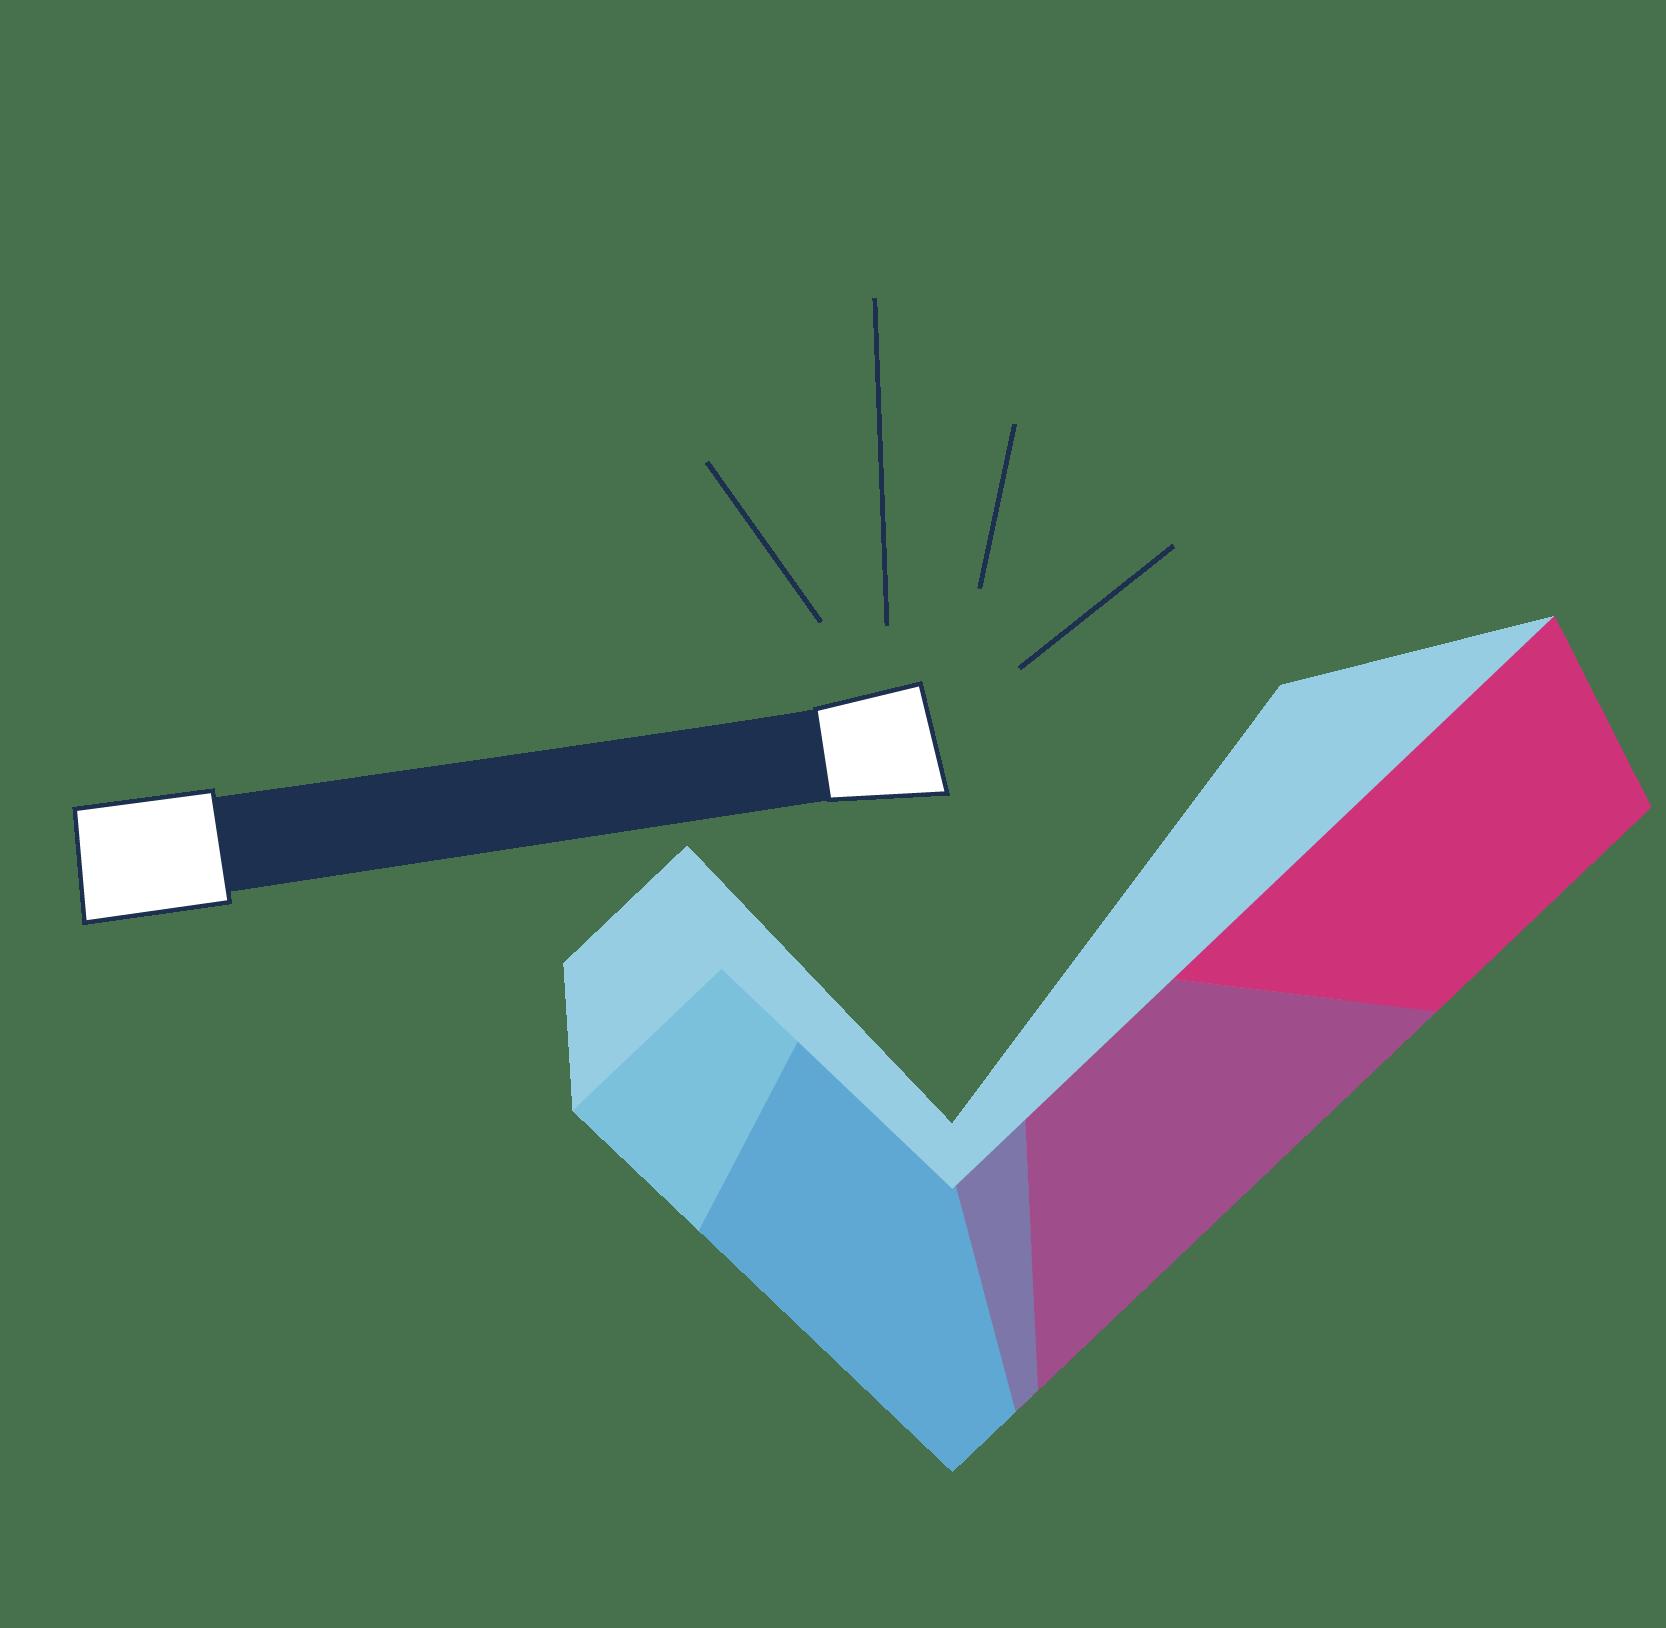 Proceso sencillo<br>y transparente